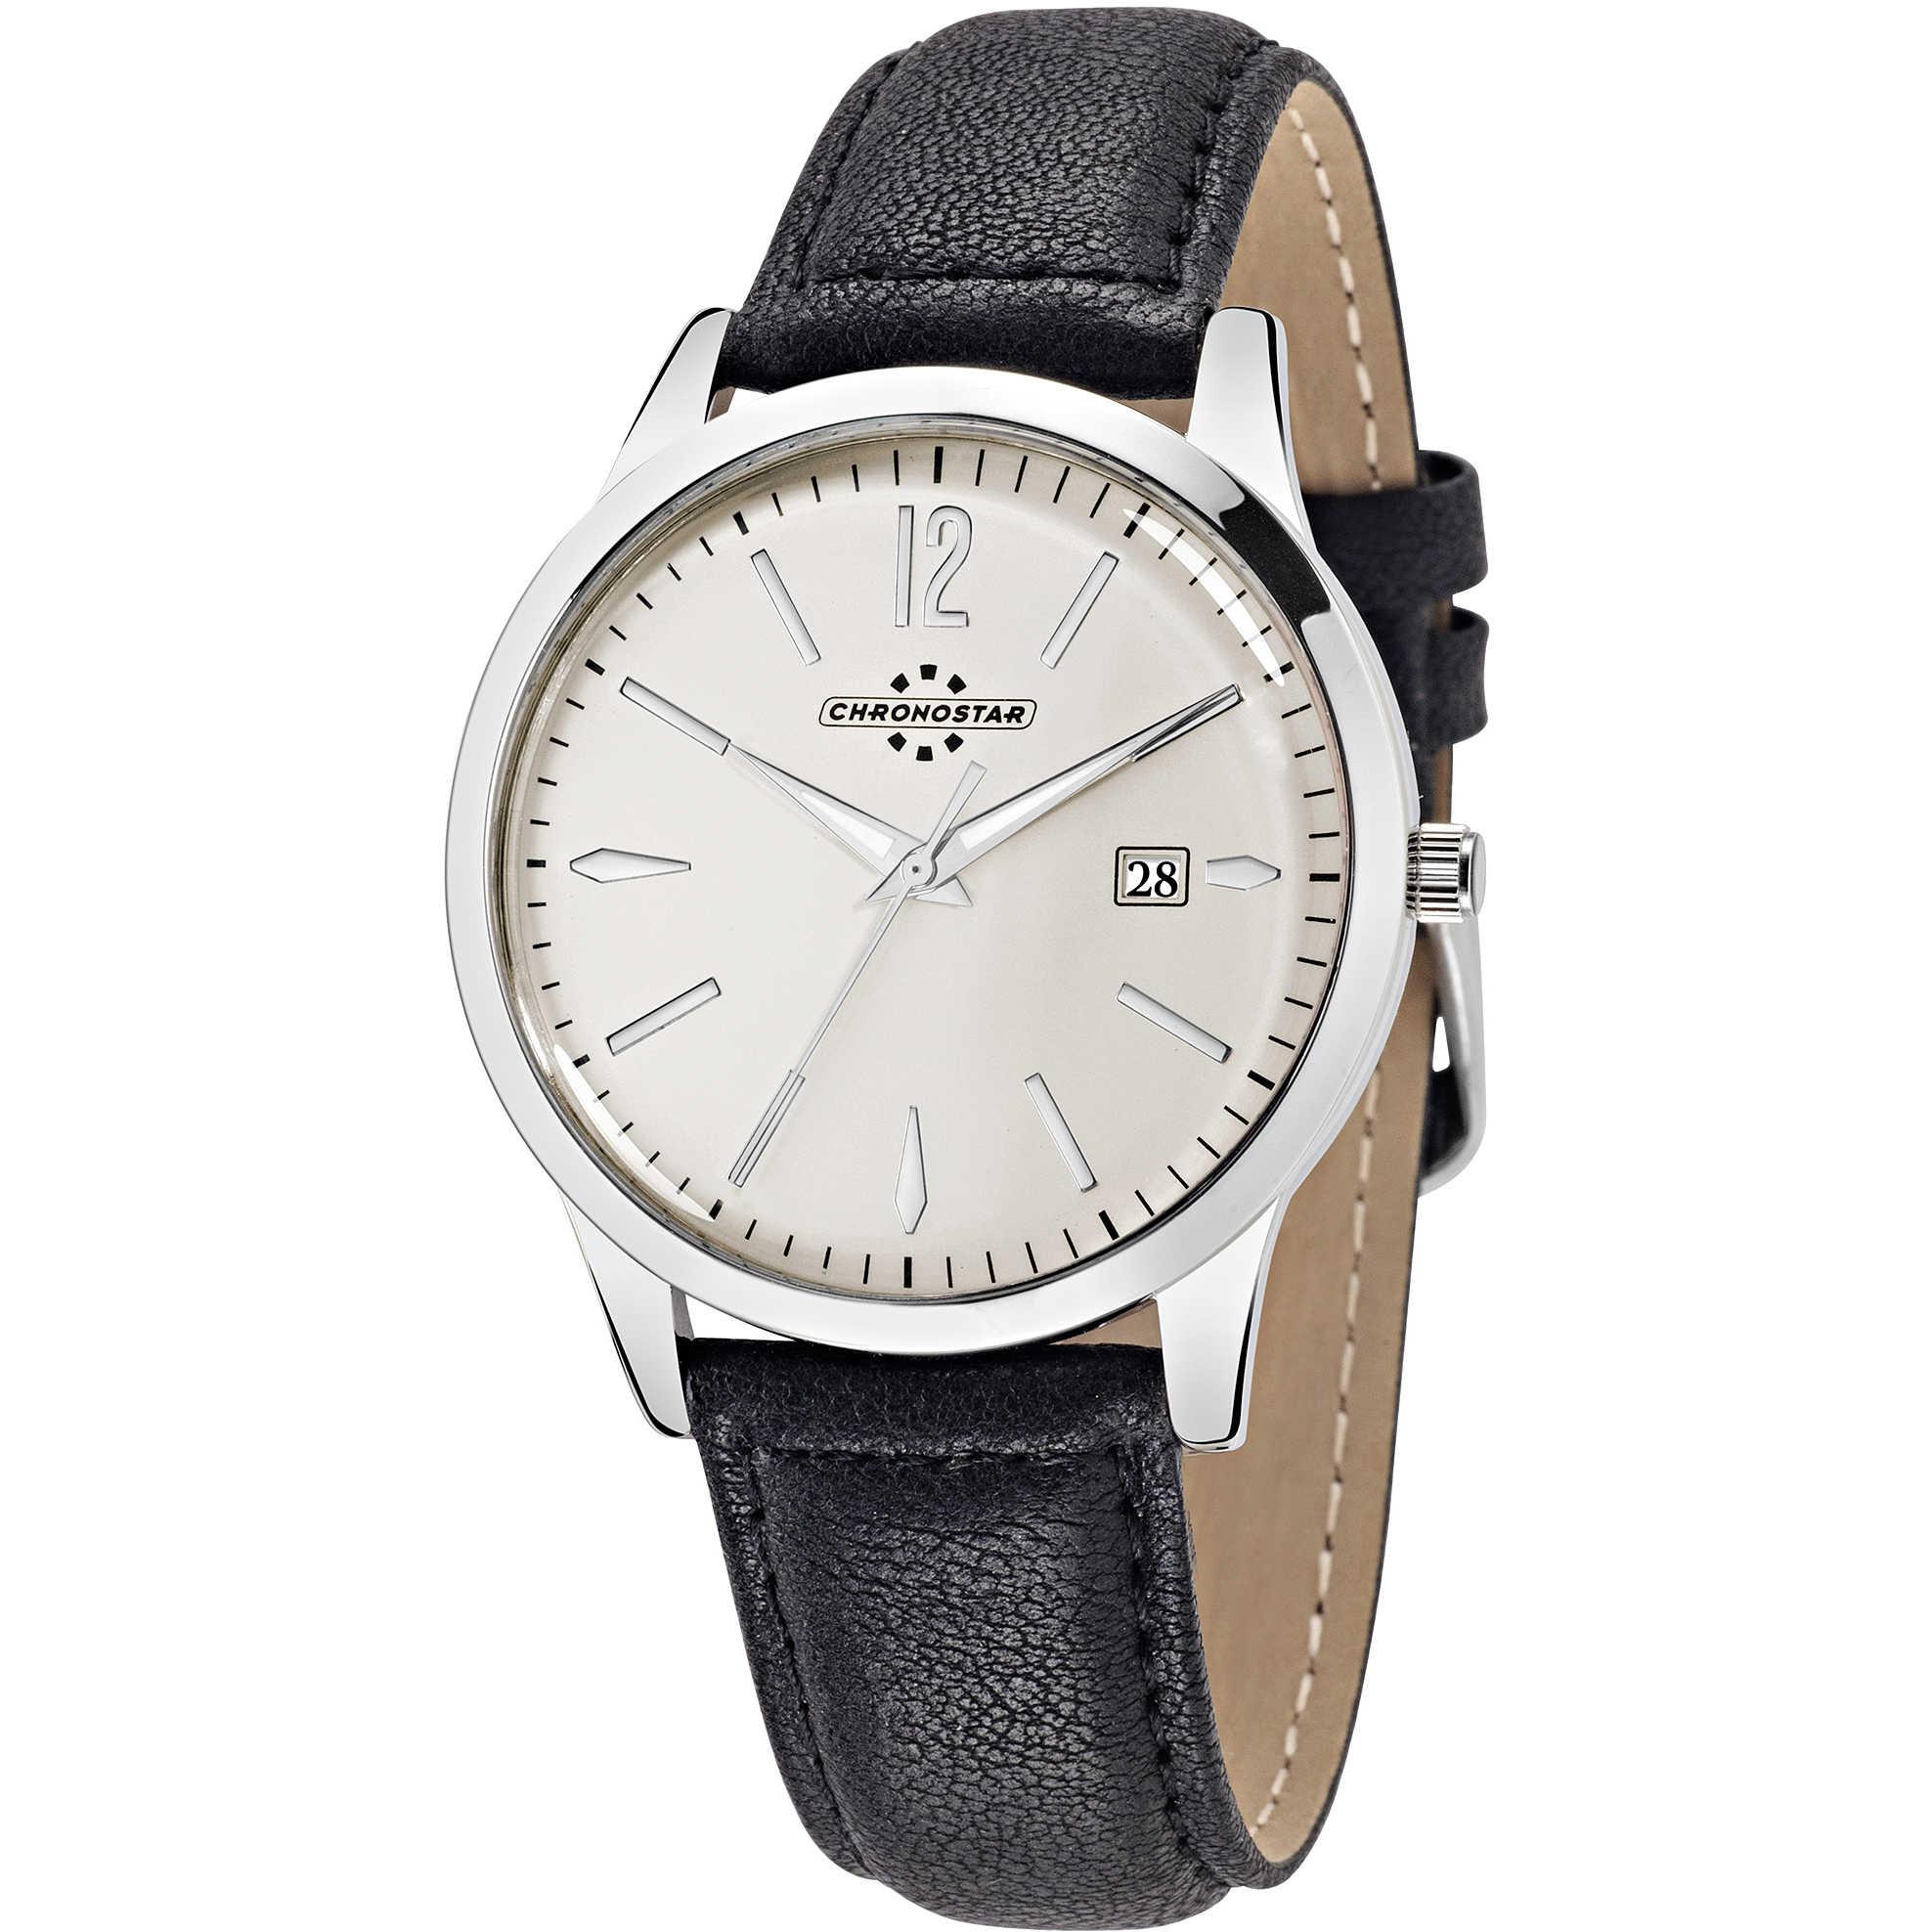 Orologio uomo Chronostar R3751255004 ENGLAND